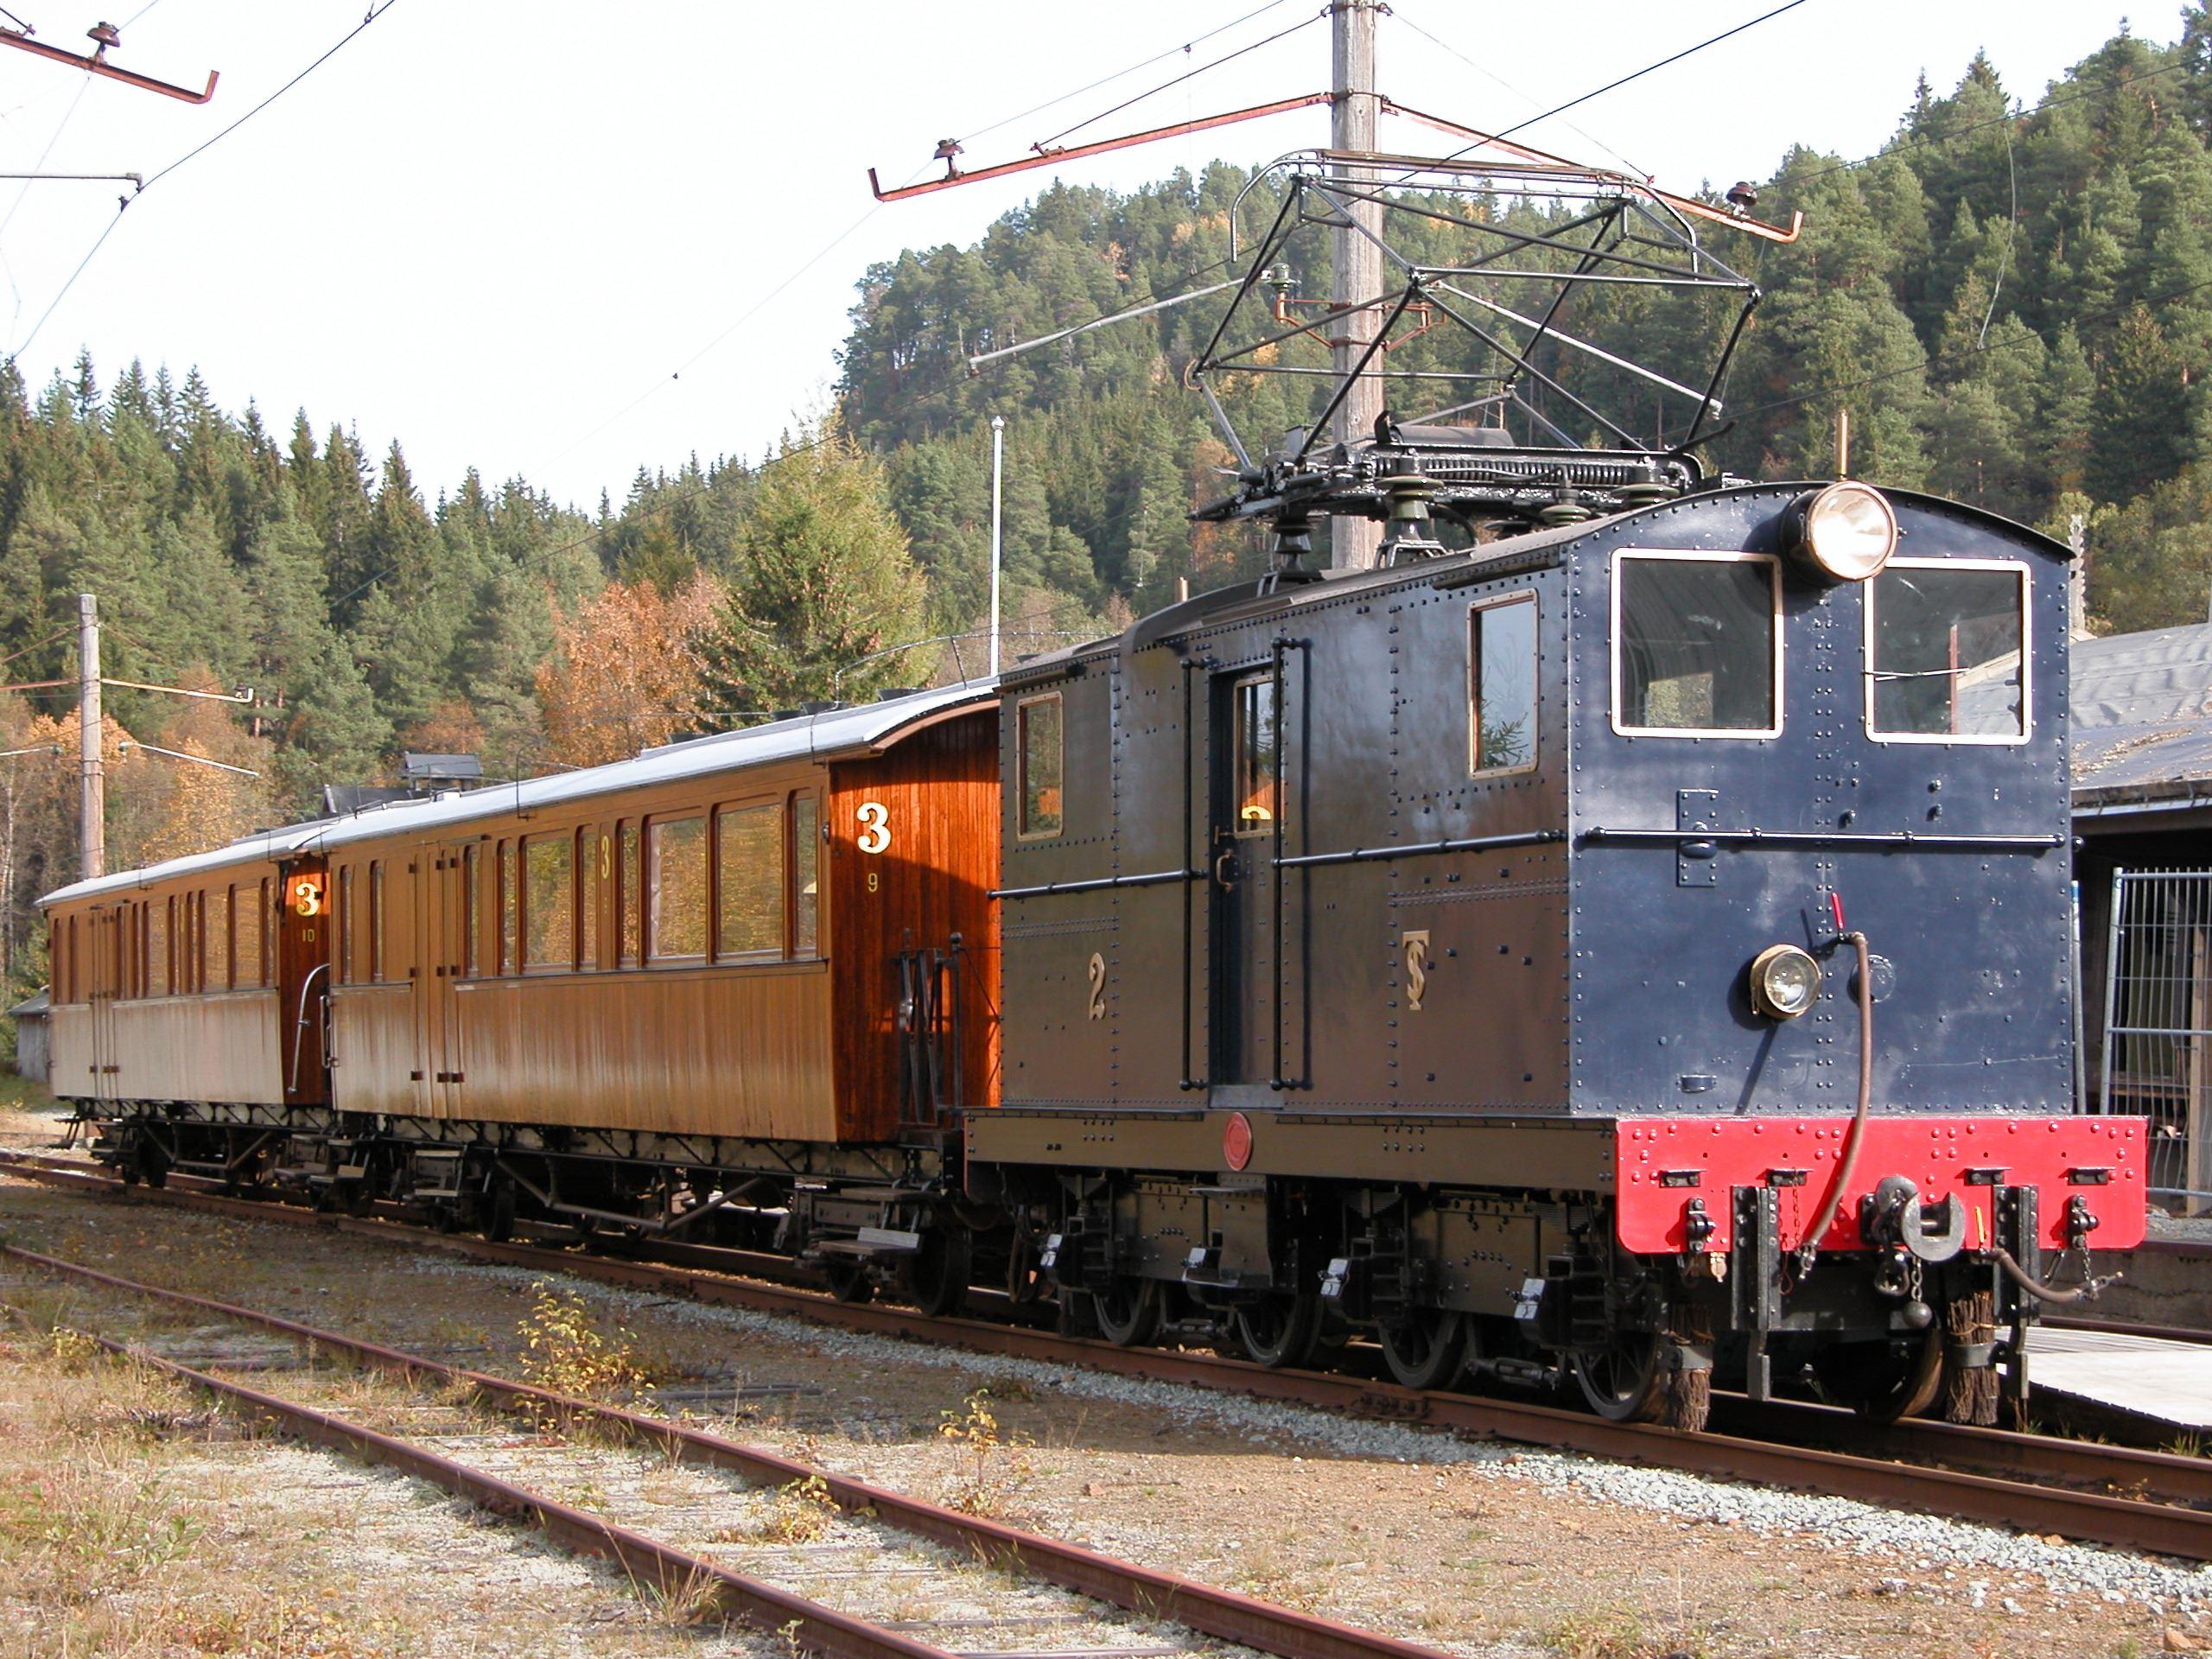 The Thamshavn Railway